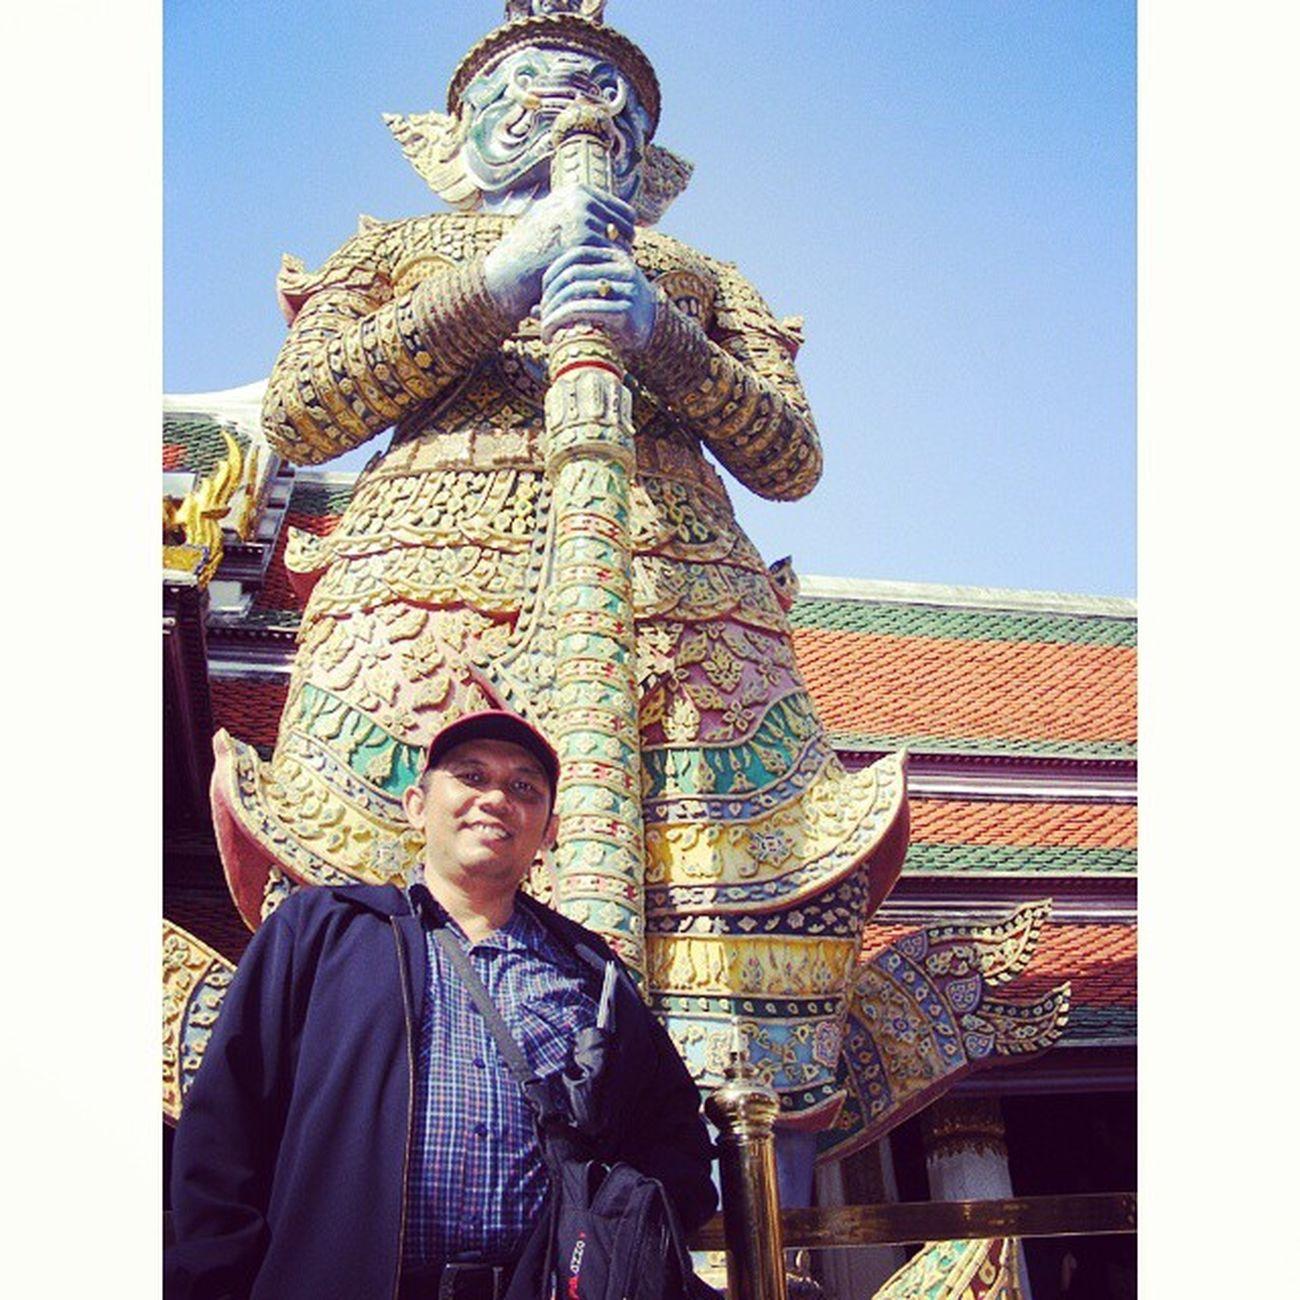 King palace Thailand. Wisata Thailand Kingpalace Humaninterest hi people